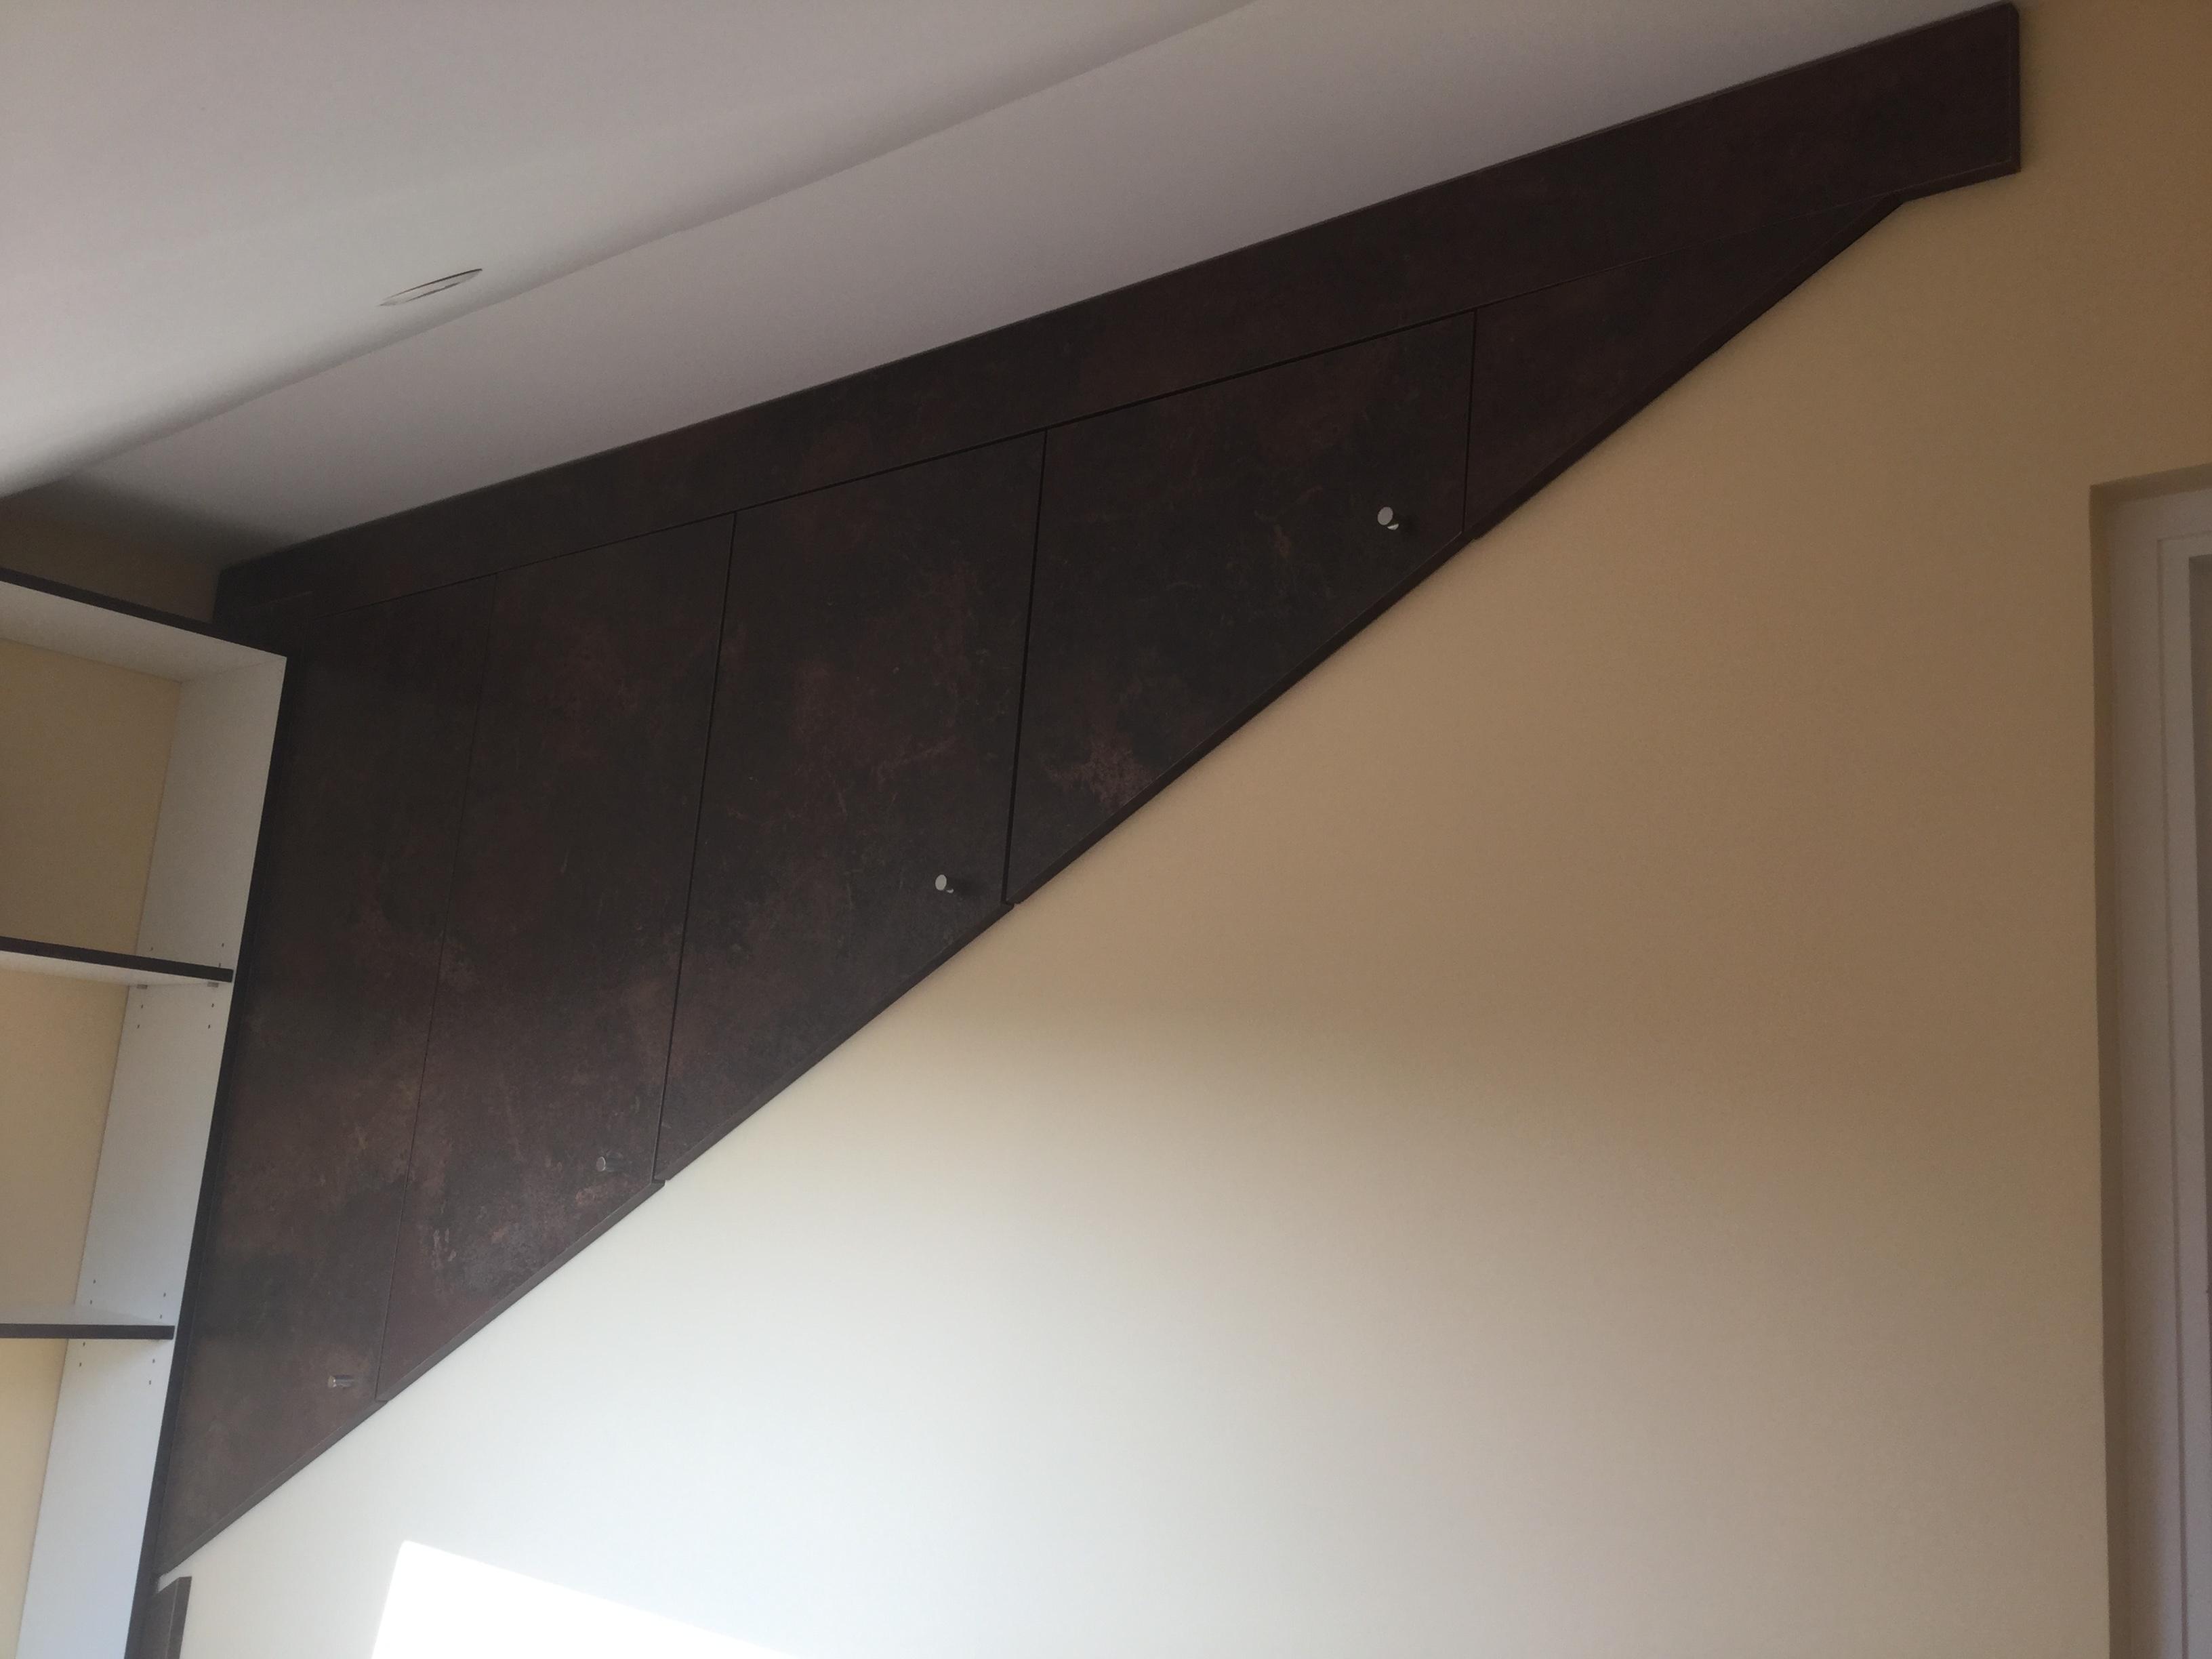 Aménagement placards dessus rampant escalier.